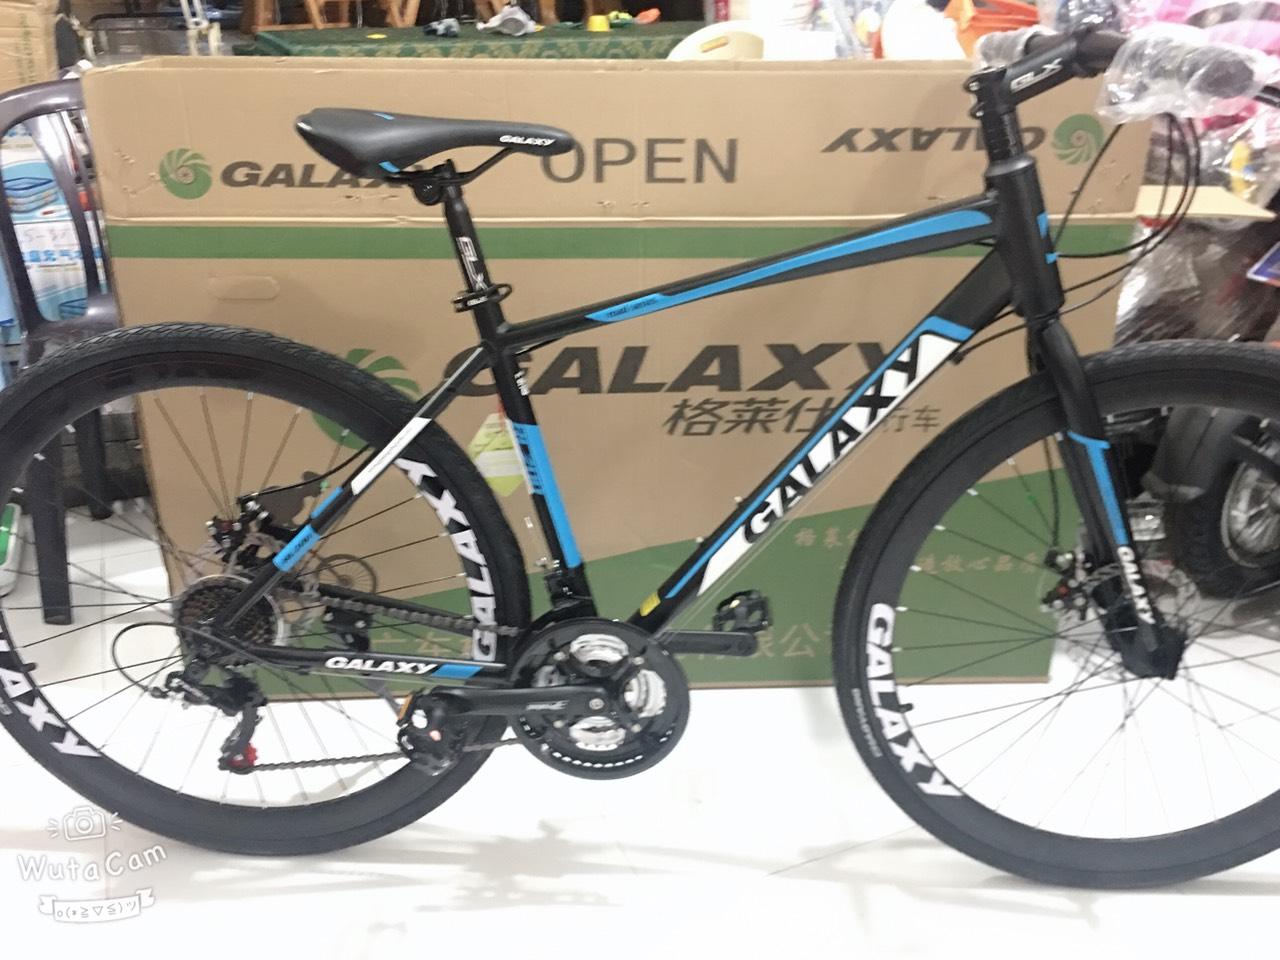 Mua Xe đạp thể thao Galaxy RL200